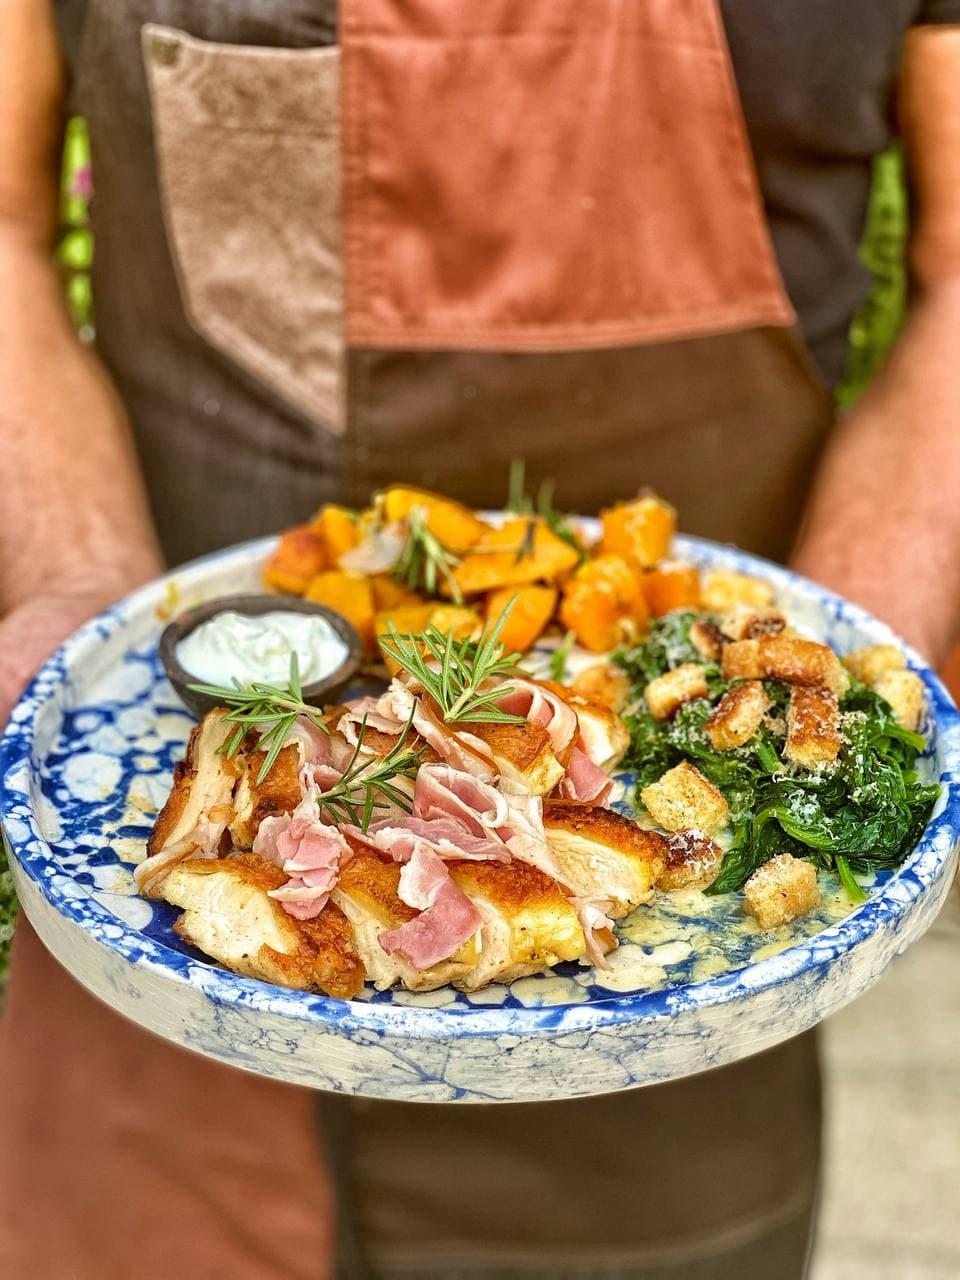 Petto di pollo croccante in padella insieme a Chef Max Mariola